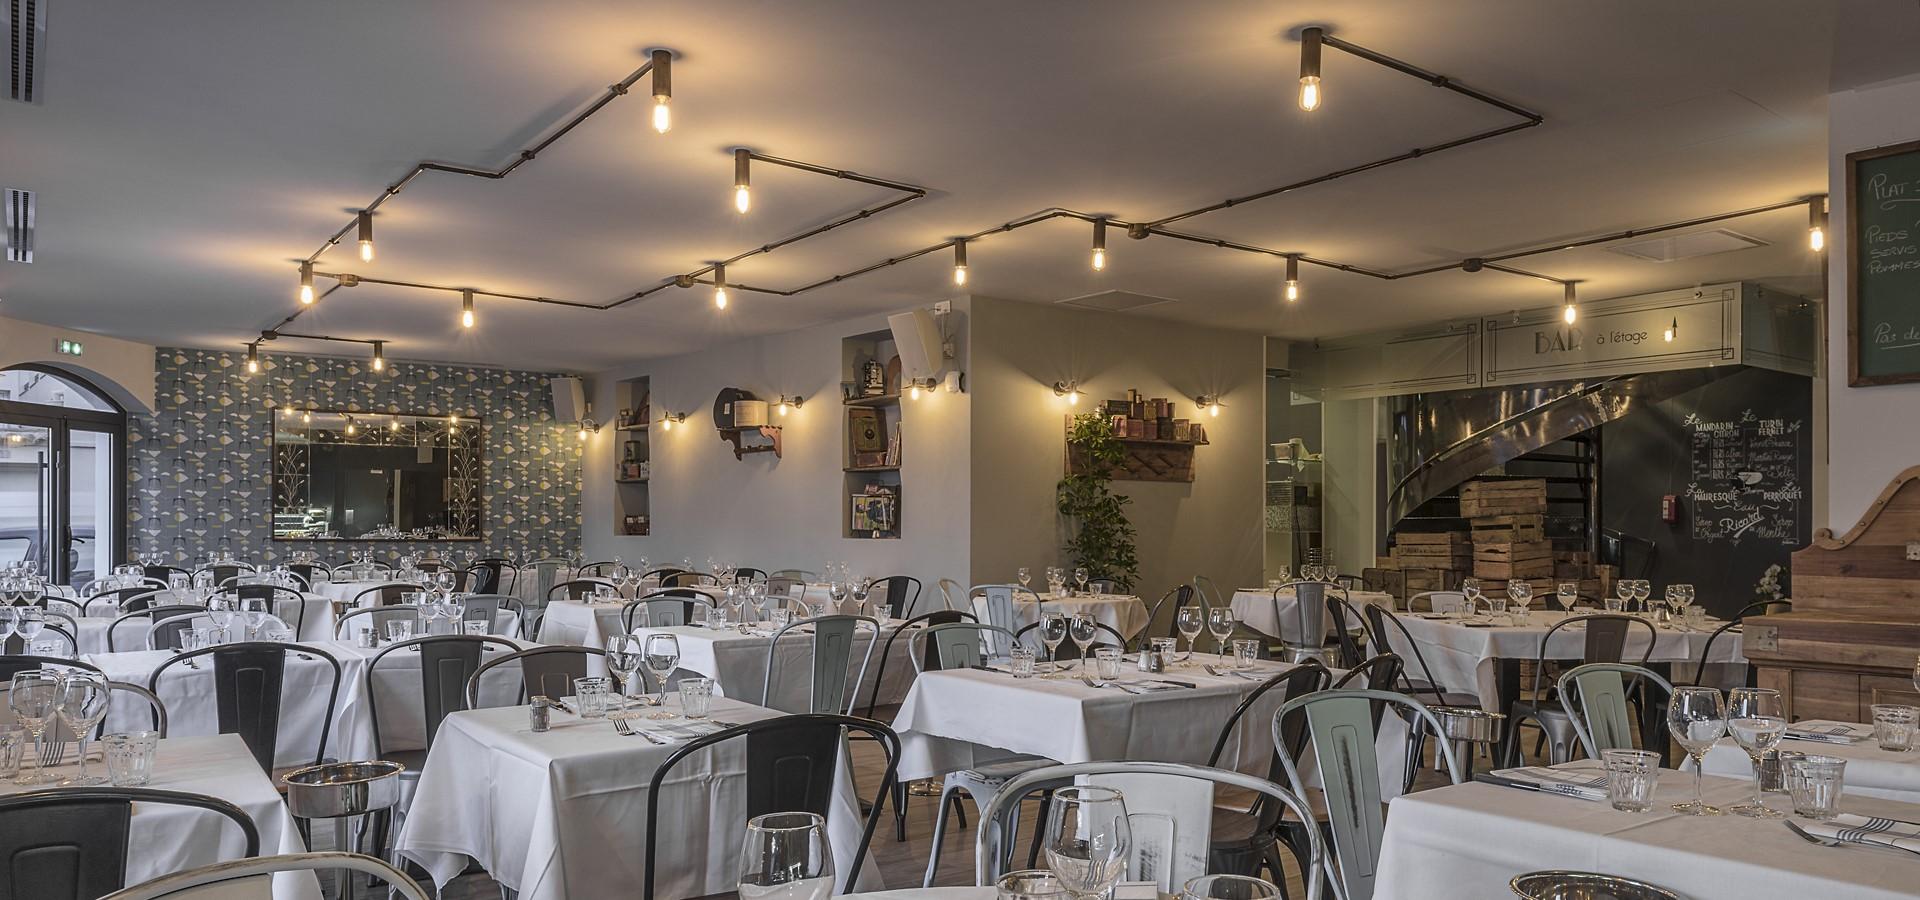 Vue d'ensemble de l'éclairage dans la salle de restaurant chez Jeannot